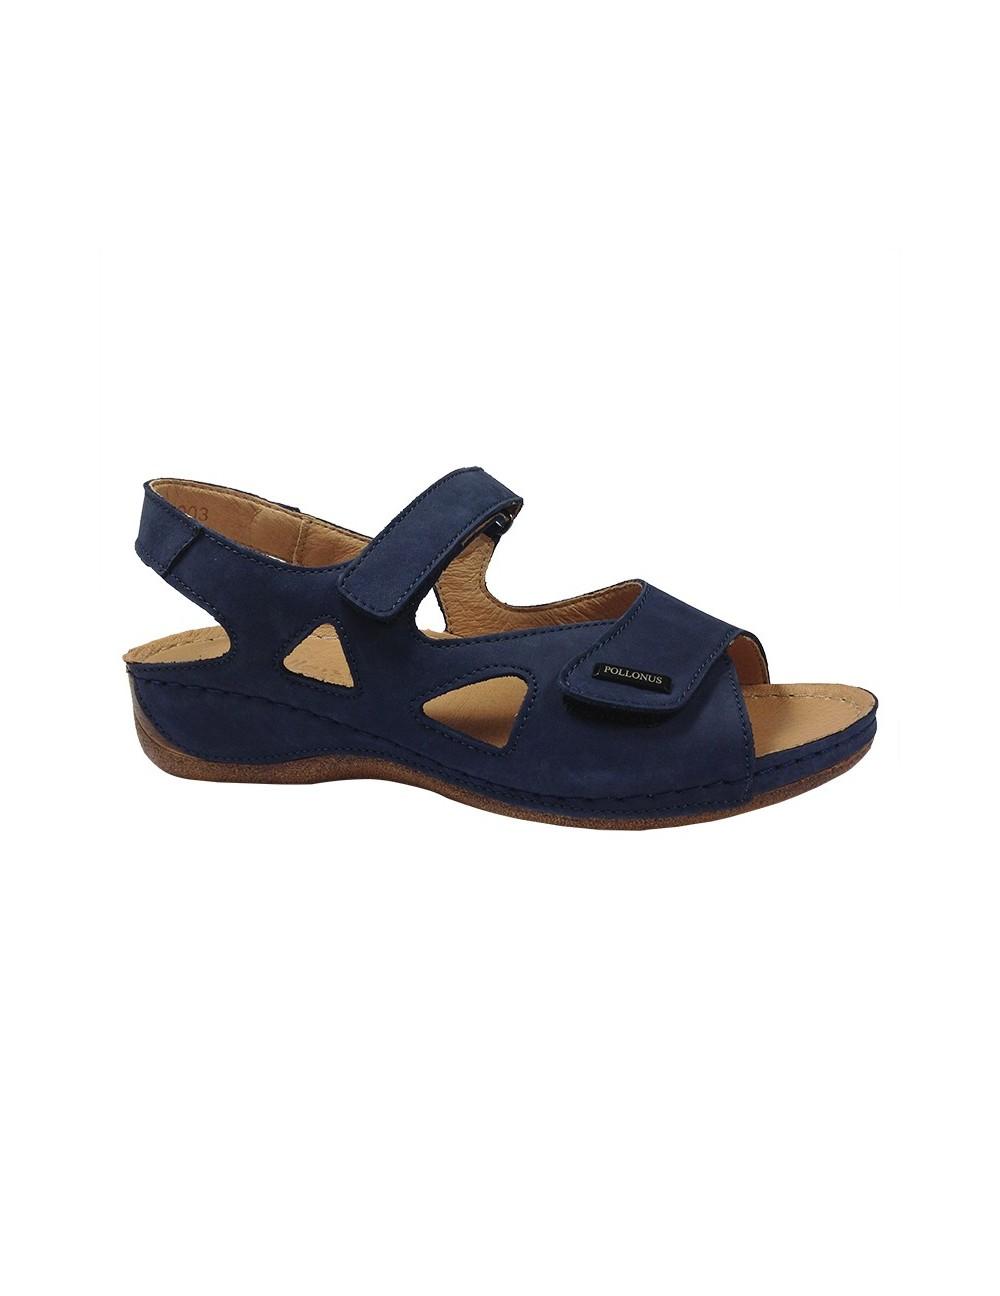 578657a66e17e Rewelacyjne pod względem wygody i jakości wykonania sandałki firmy Pollonus.  Praktyczne paski z rzepami pozwalają na idealne dopasowanie do kształtu  stopy.